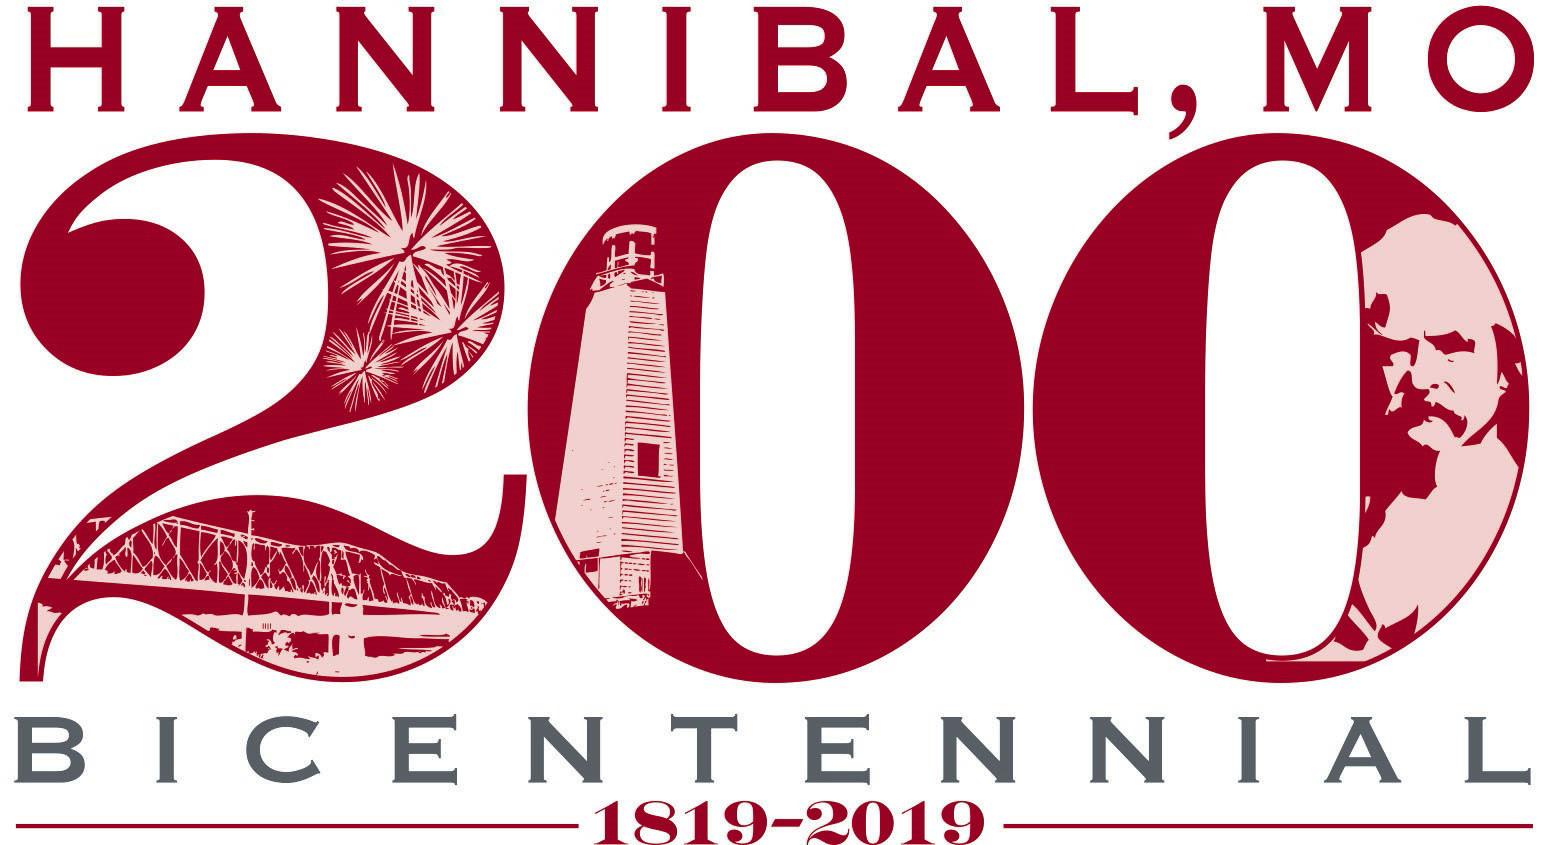 Hannibal Bicentennial 2019